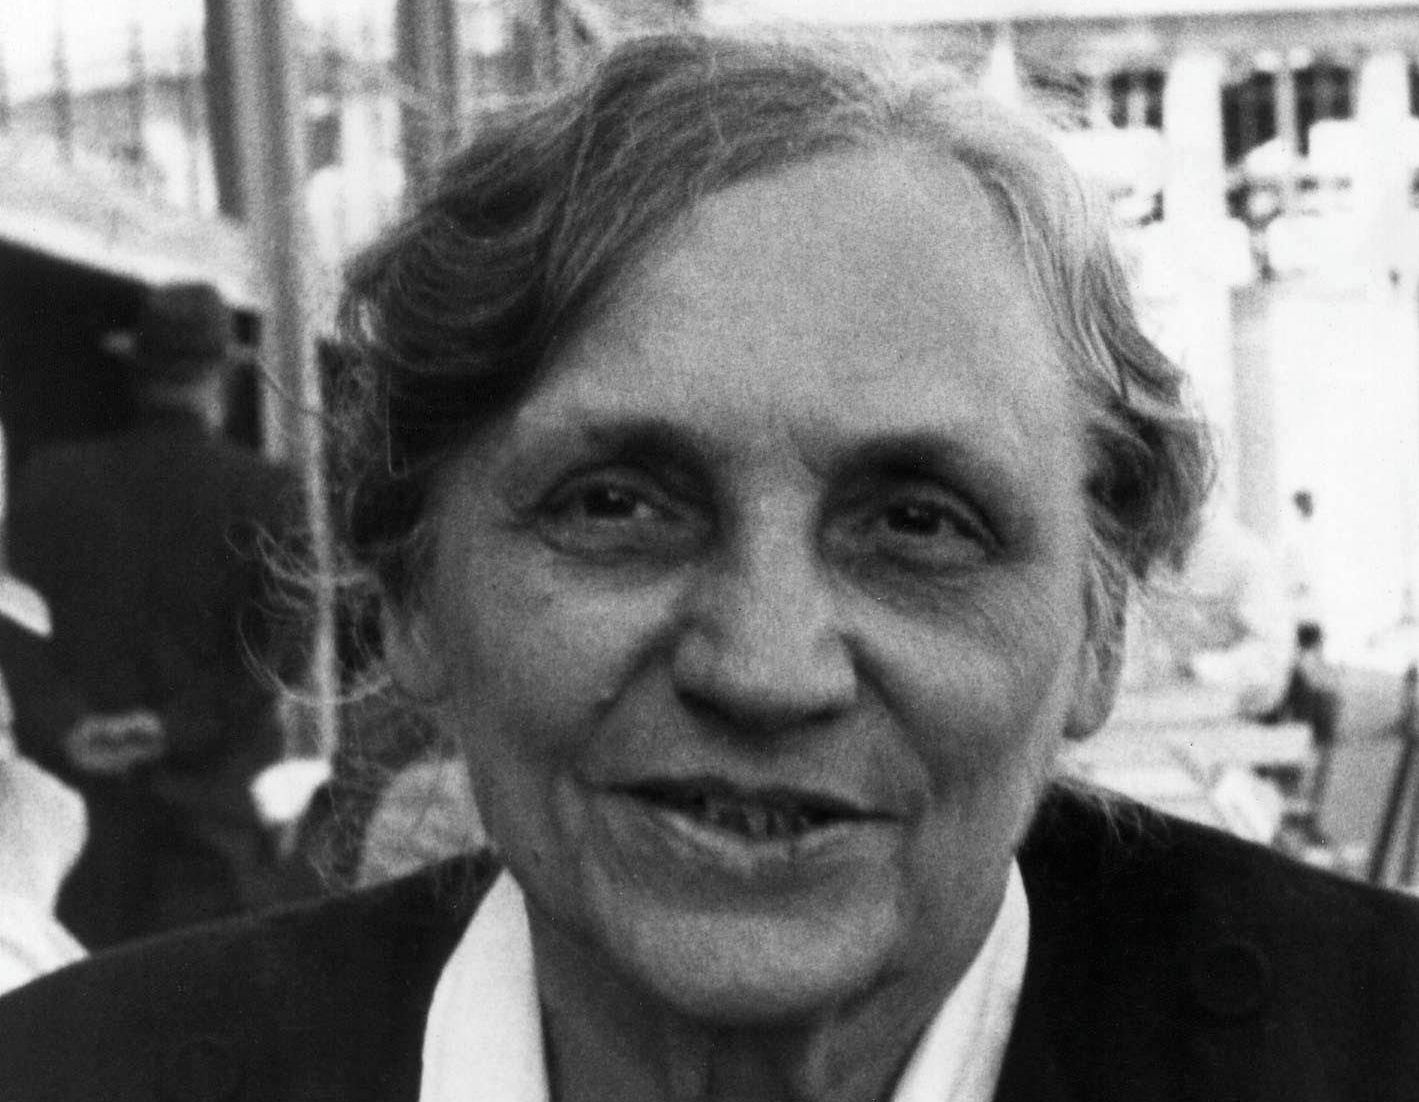 100 Jahre Frauenwahlrecht - Marie Juchacz